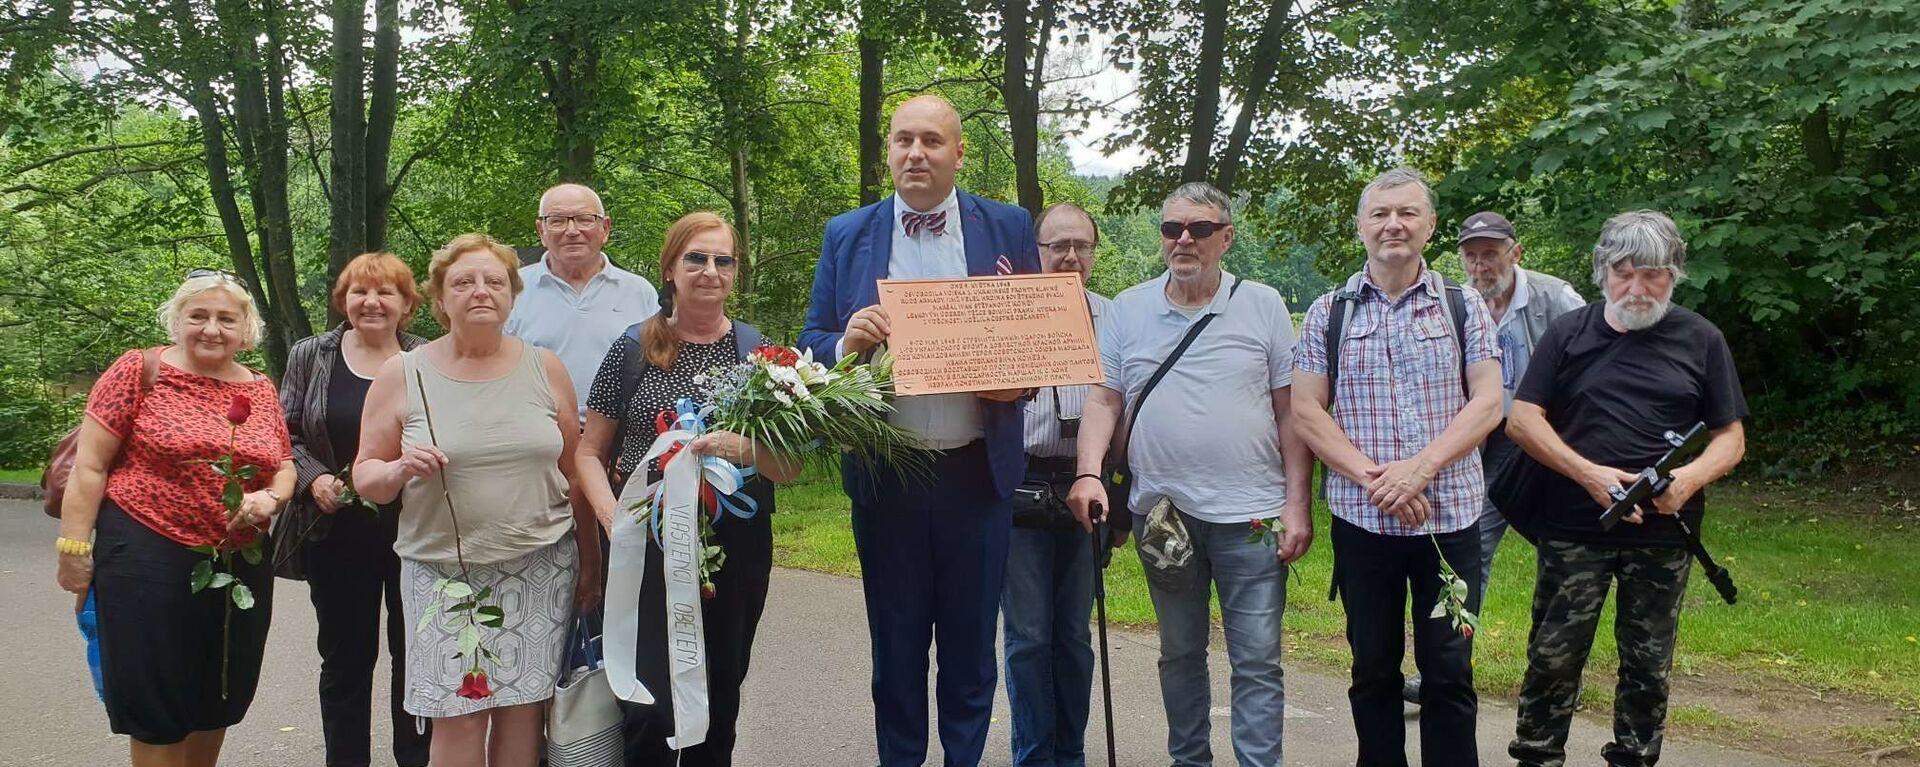 V Ležácích se uskutečnil pietní akt k 78. výročí vyhlazení osady - Sputnik Česká republika, 1920, 29.06.2020